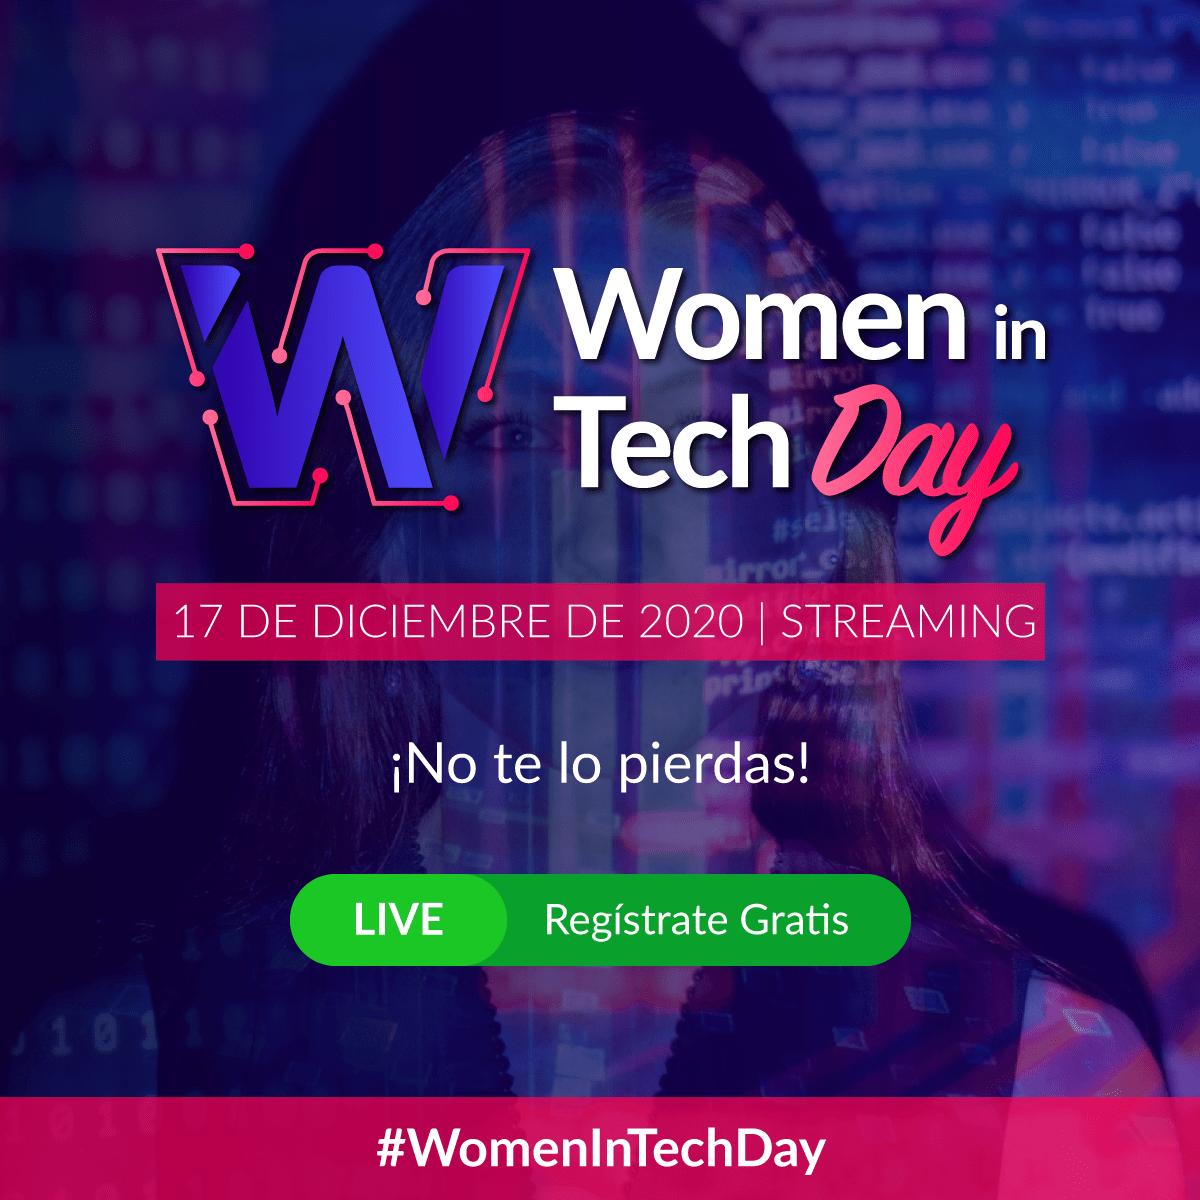 Women in tech day